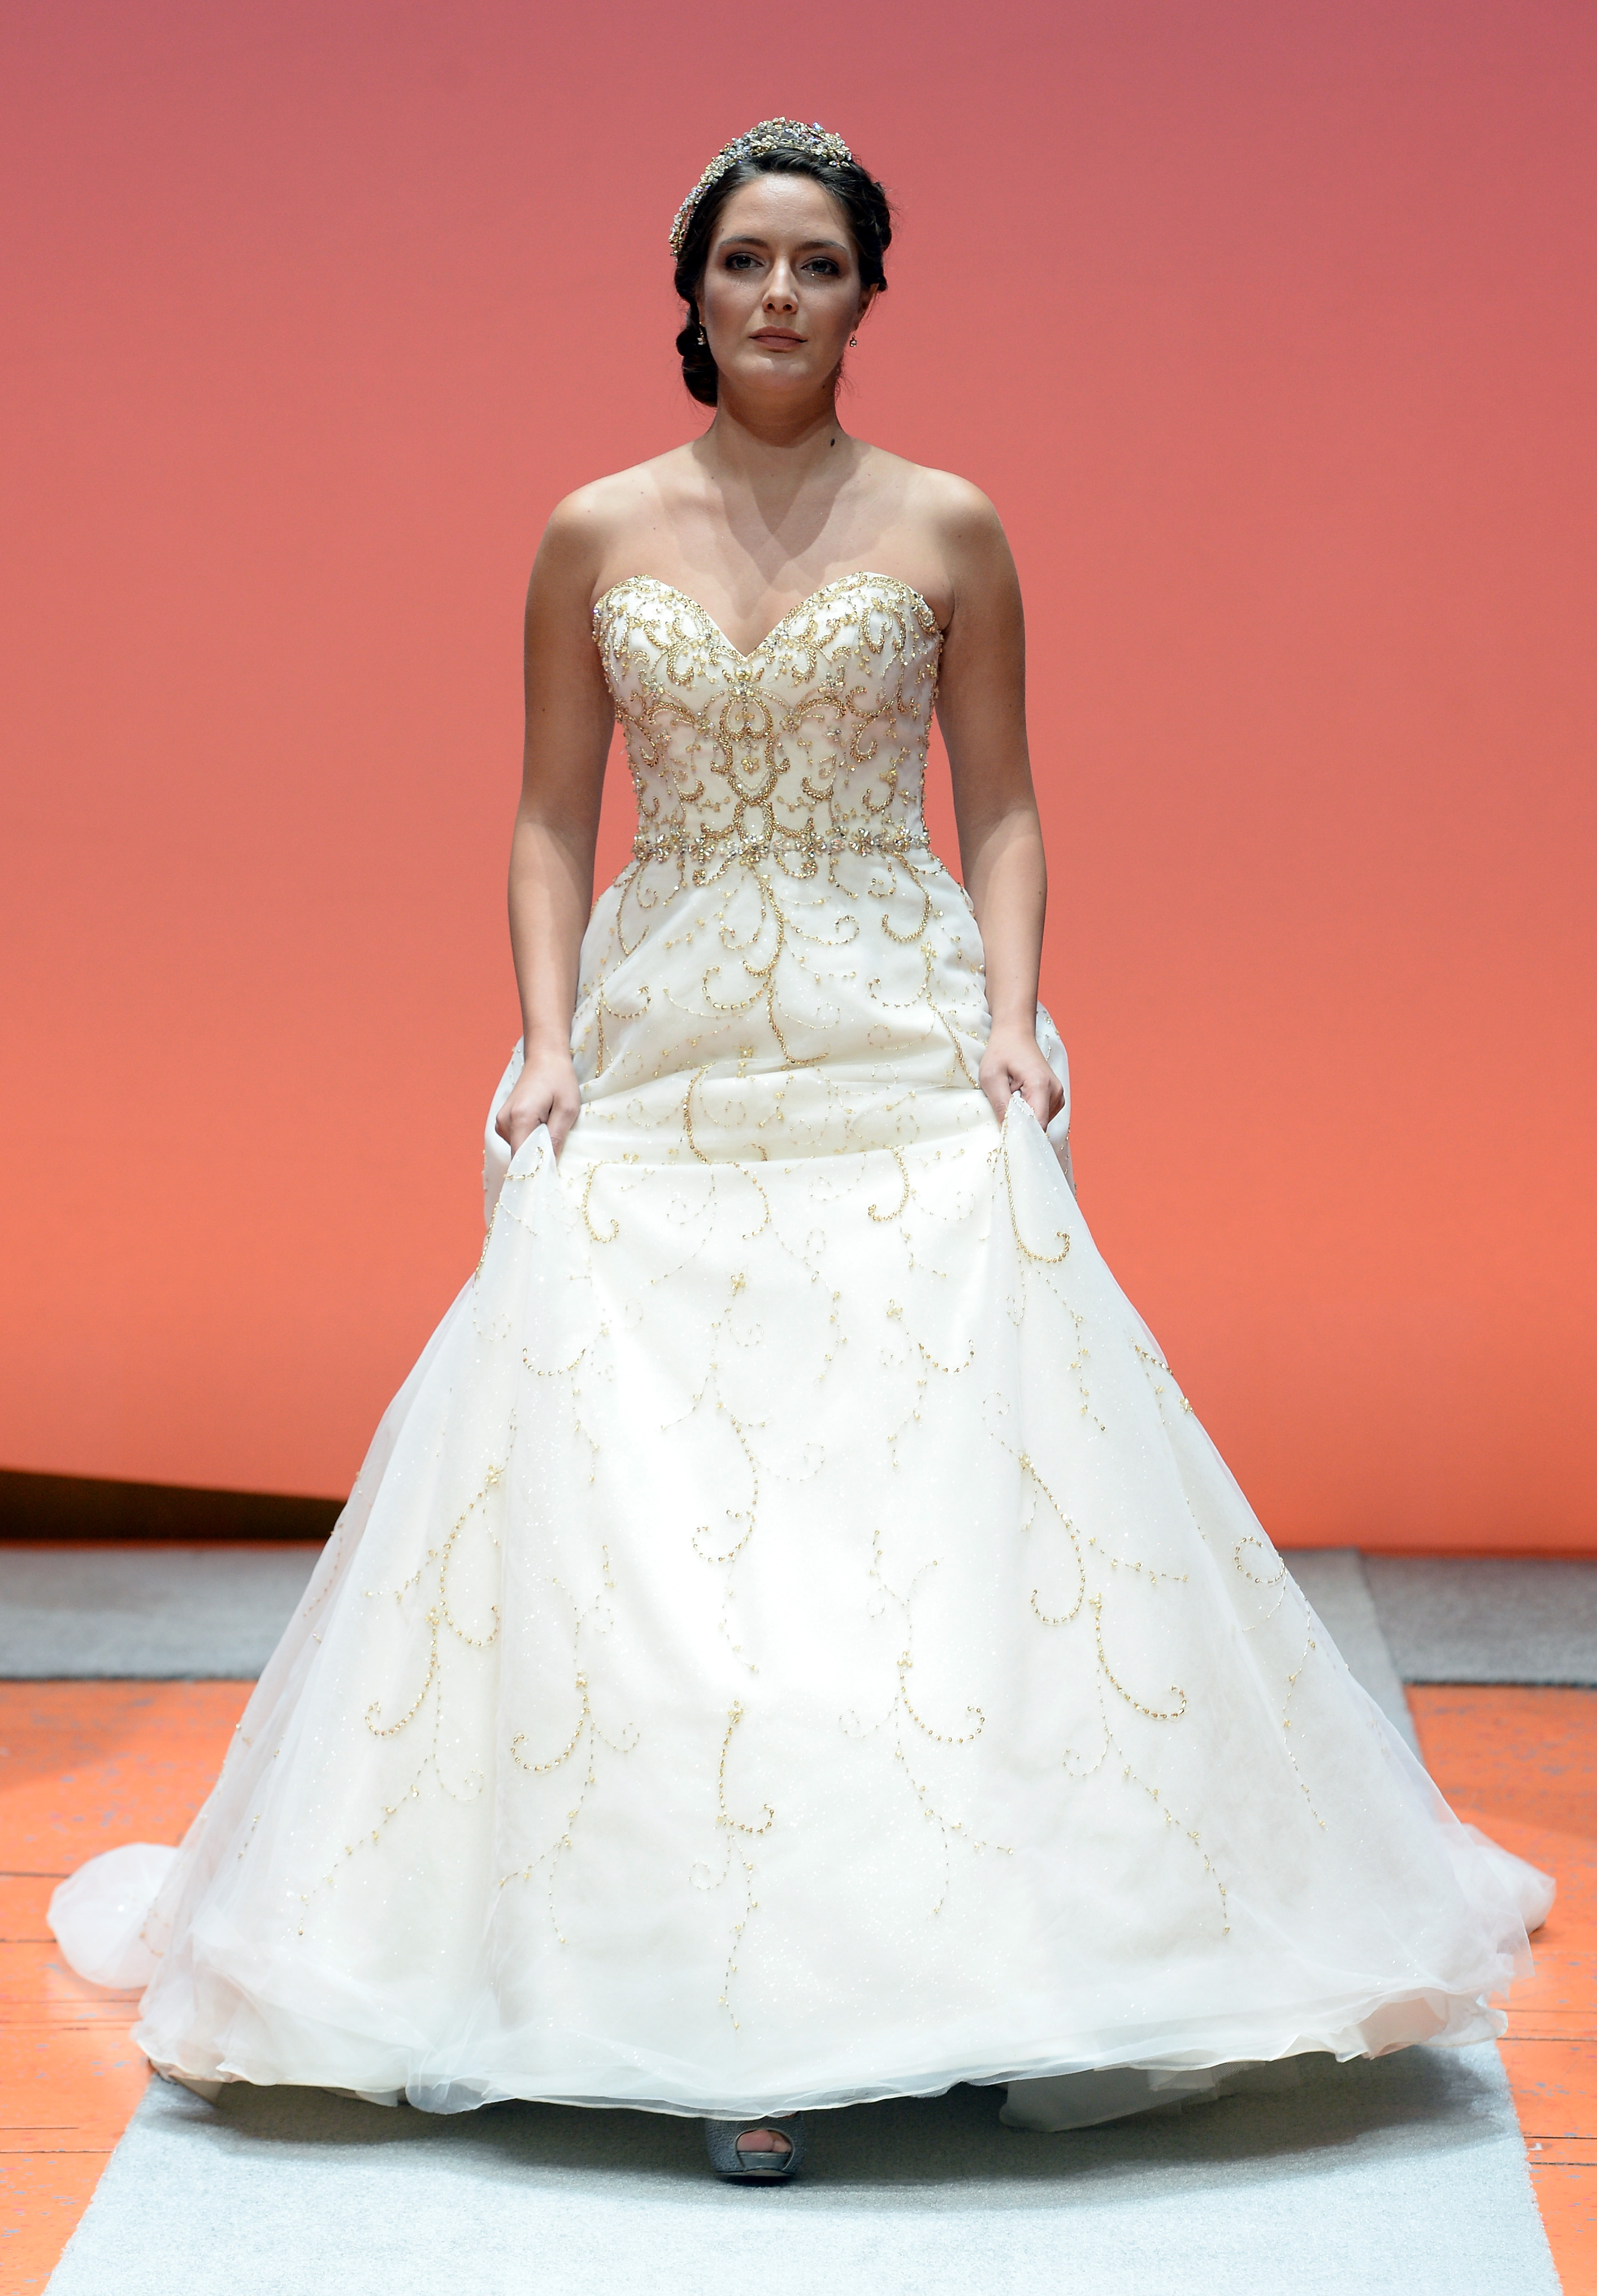 Wunderbar Alfred Angelo Brautjungfer Kleid Fotos - Brautkleider ...